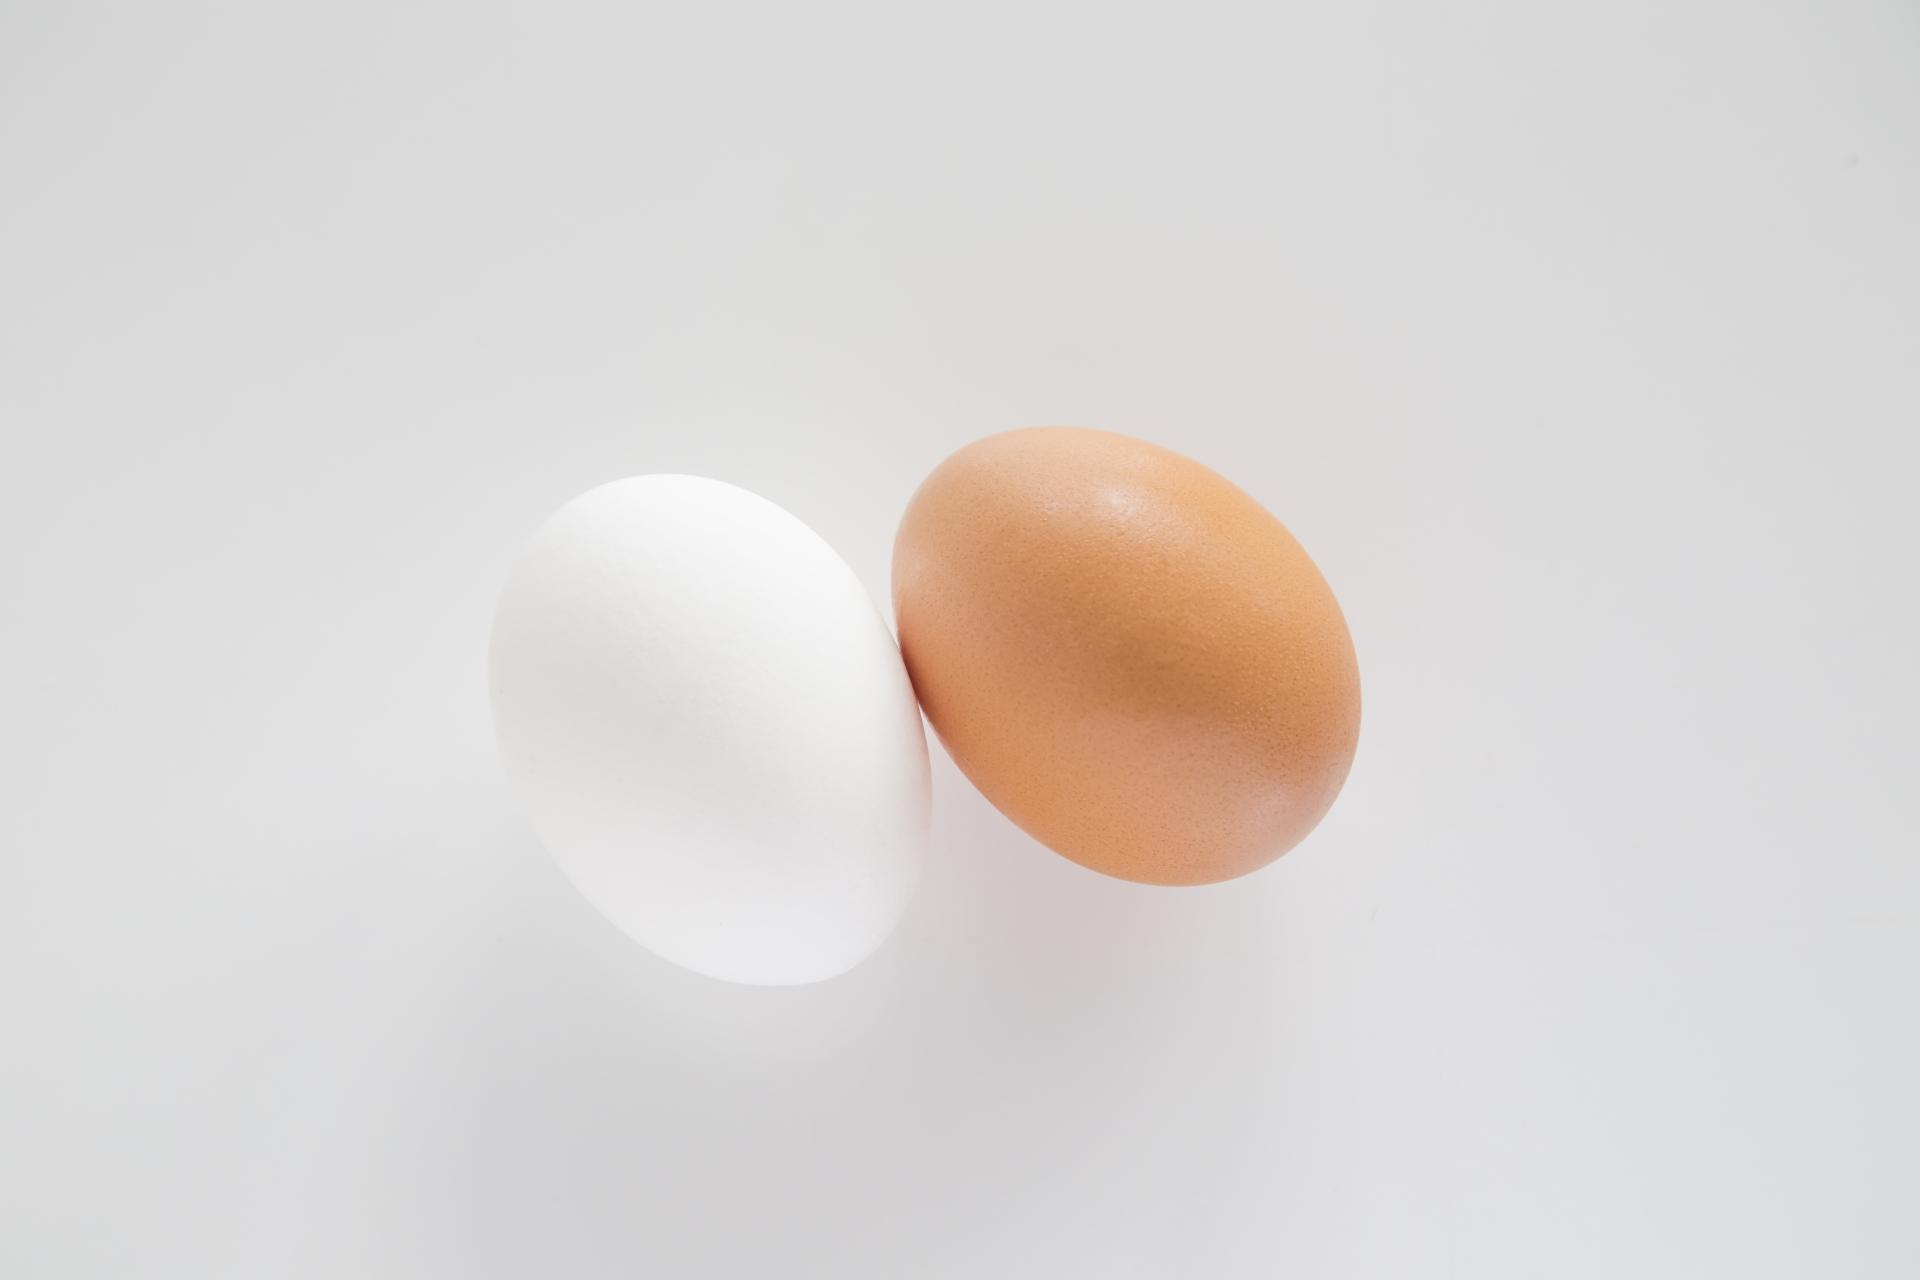 白と茶色の卵には栄養価の違い